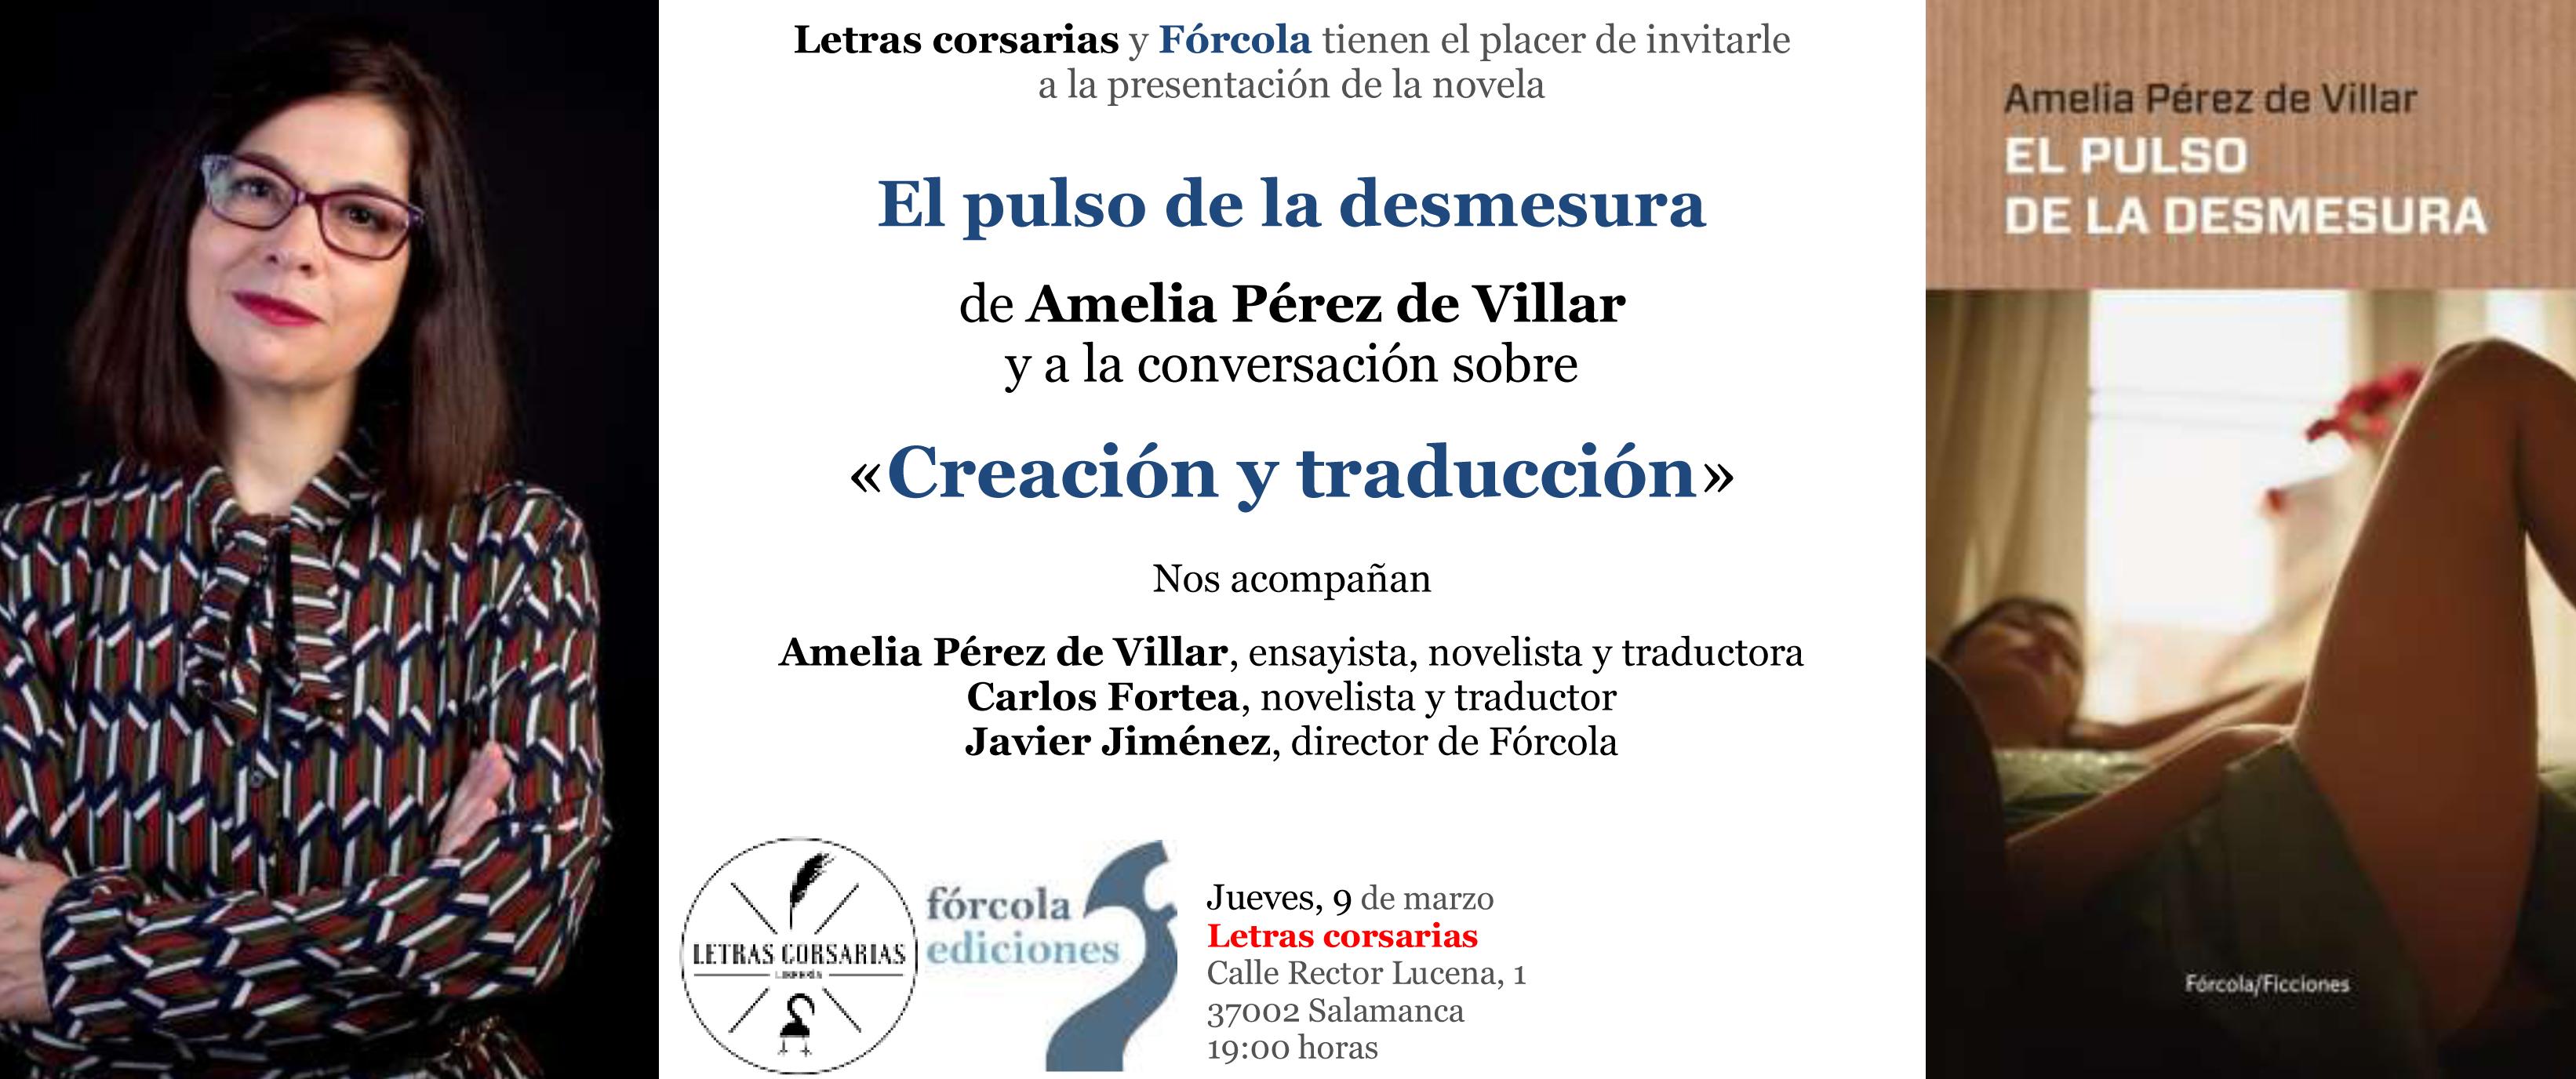 Invitacion_AmeliaPdV_LetrasCorsarias